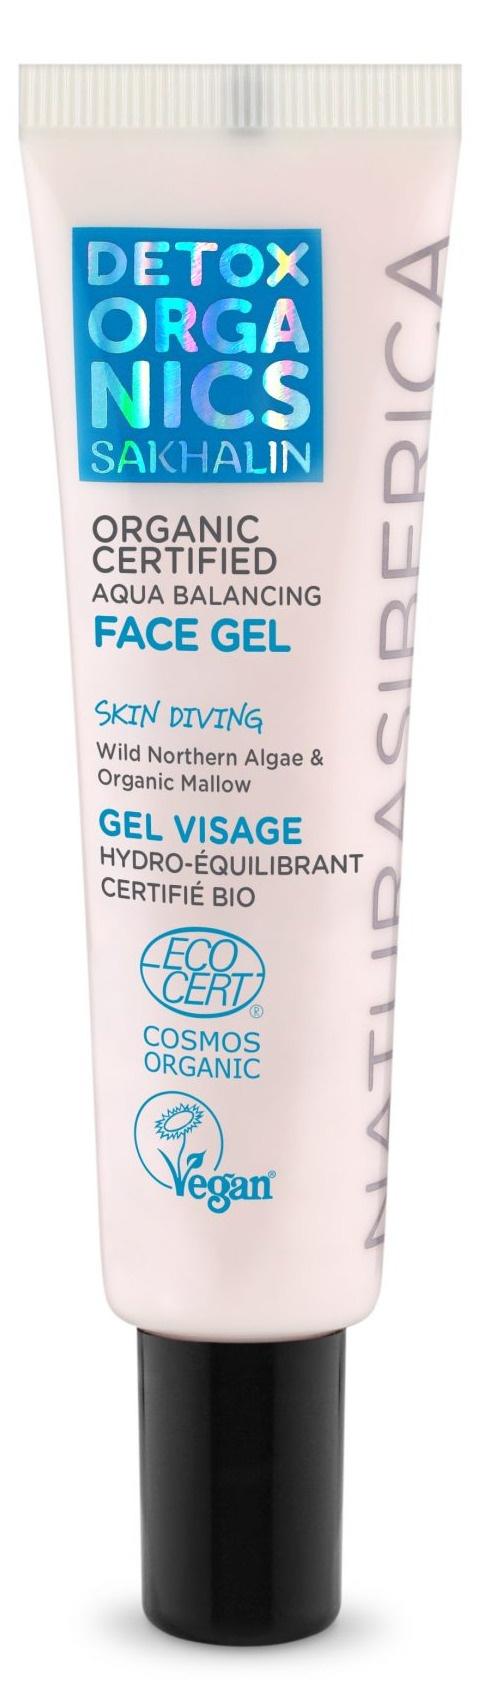 Natura Siberica Sakhalin Organic Certified Aqua Balancing Face Gel